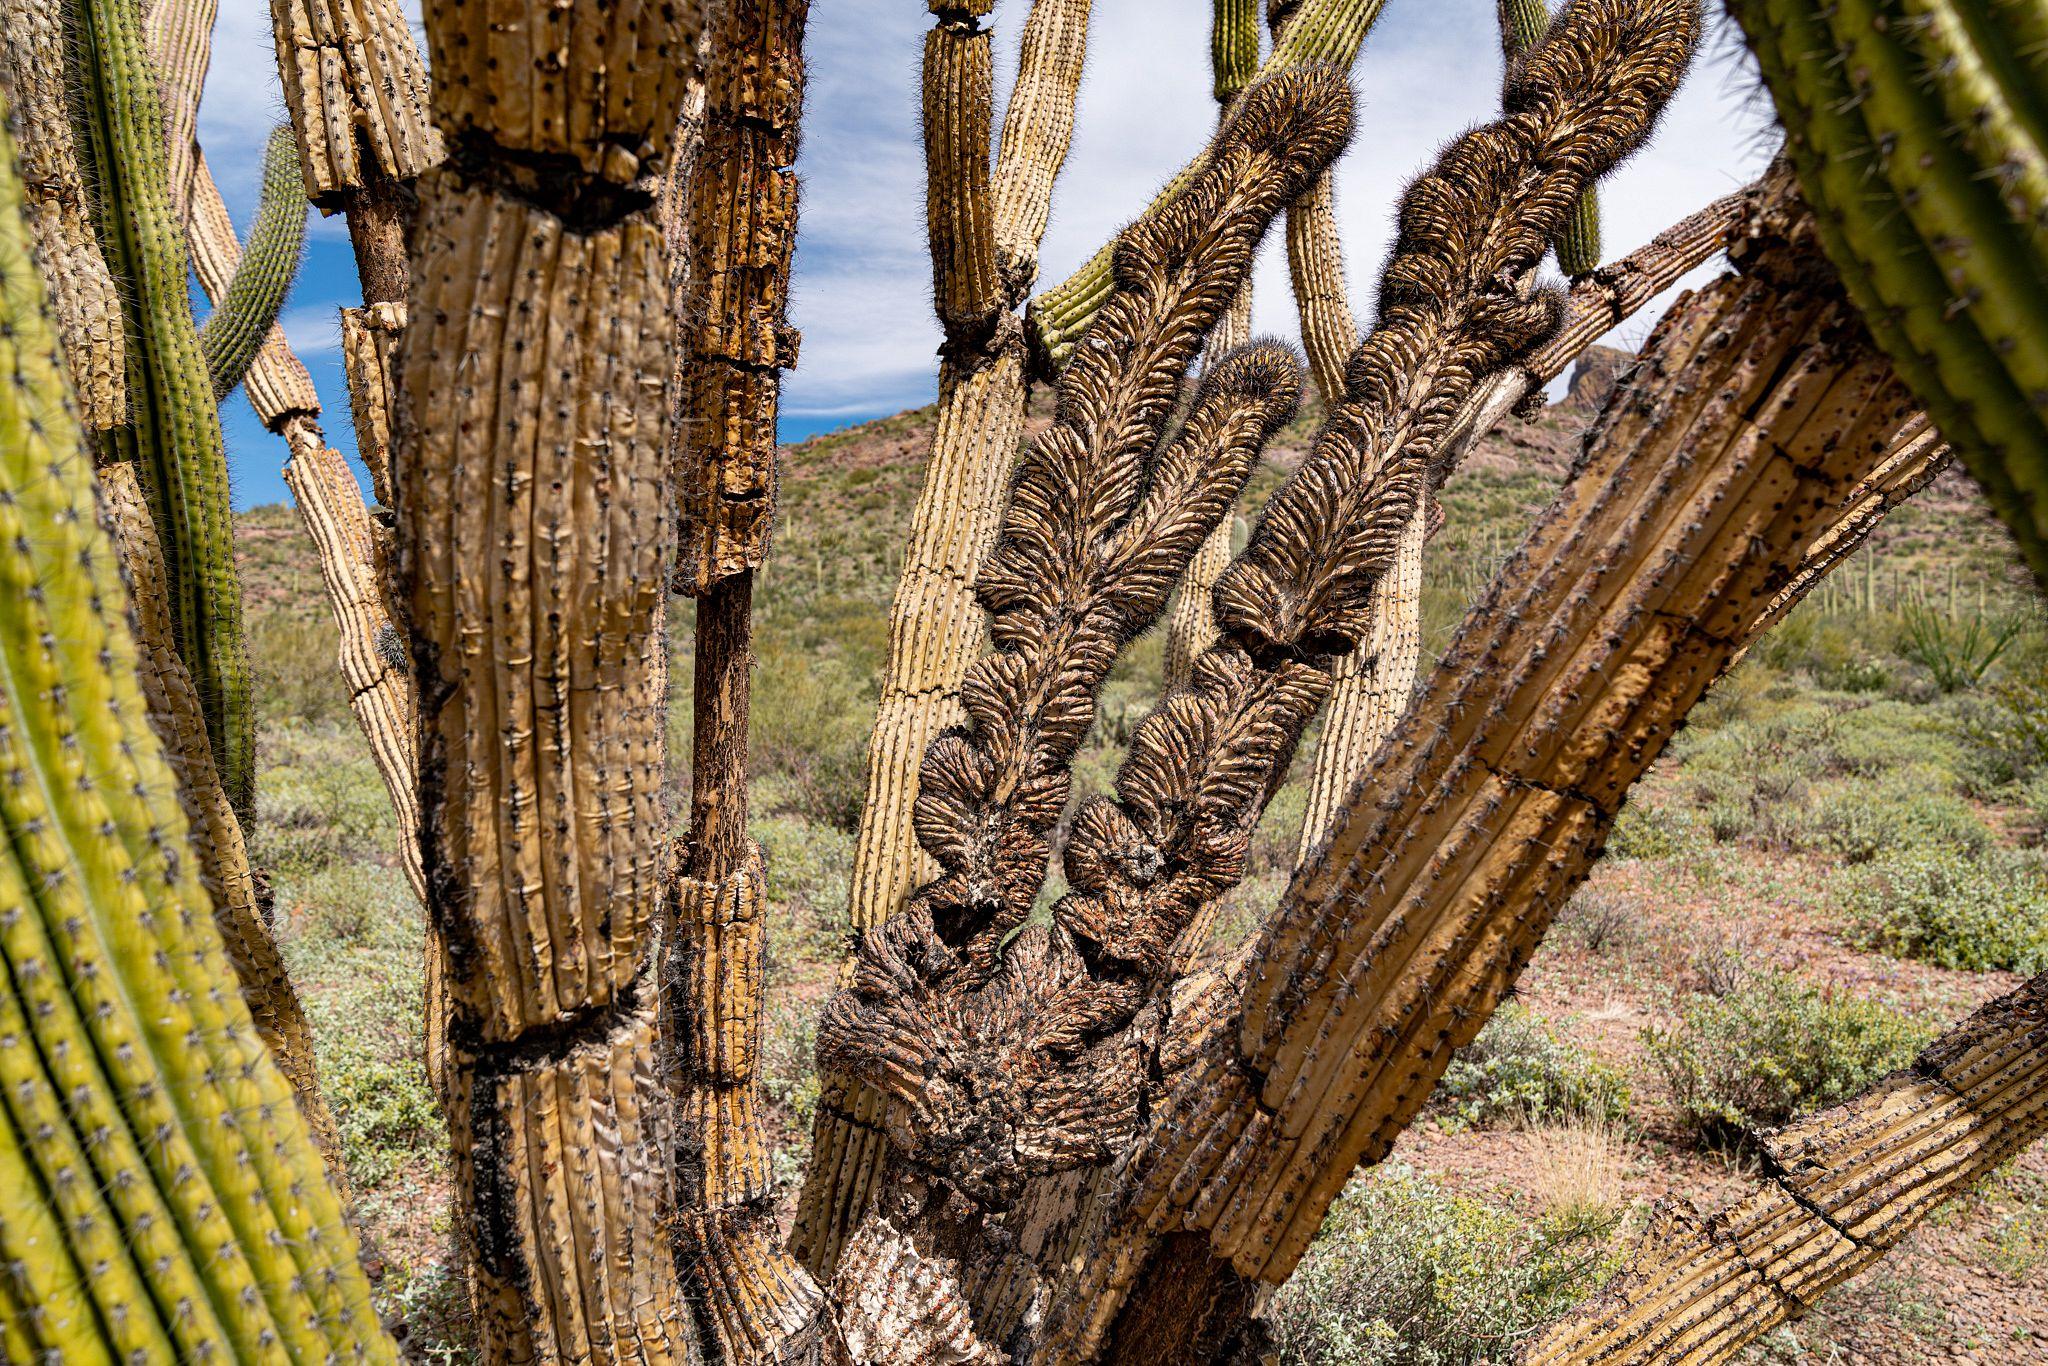 Crested Organ Pipe Cactus